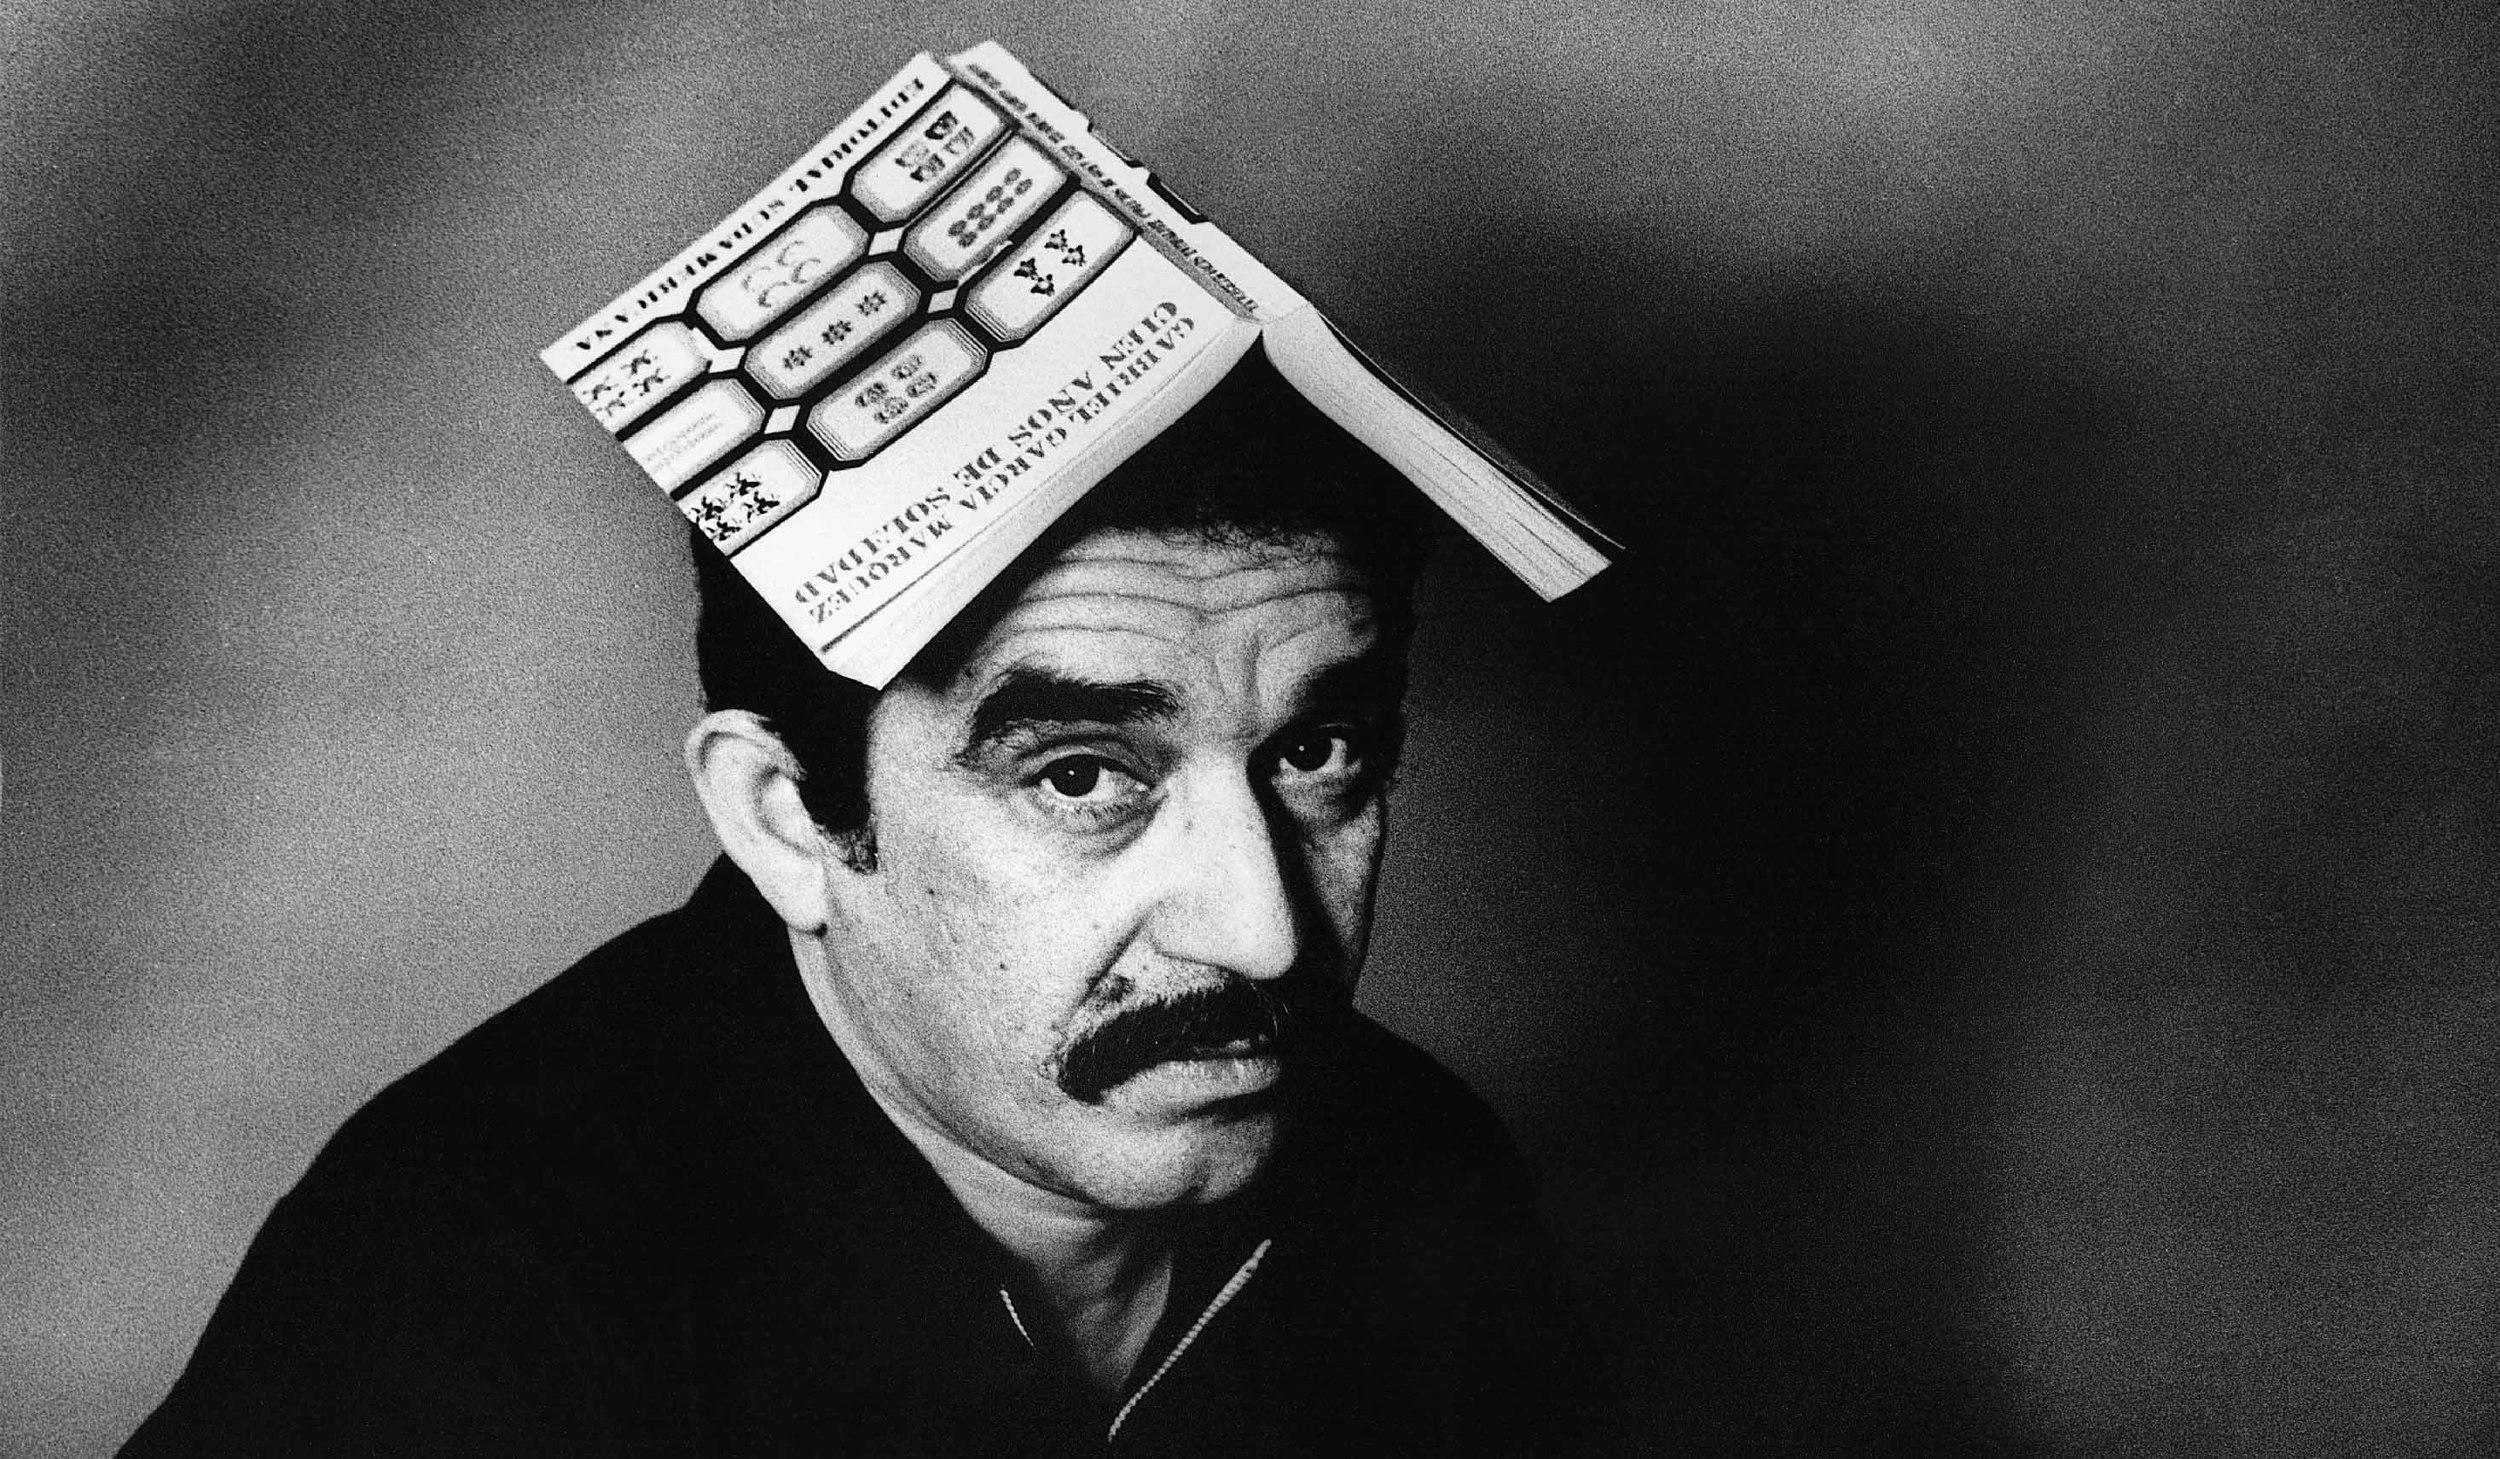 Garcia Marquez